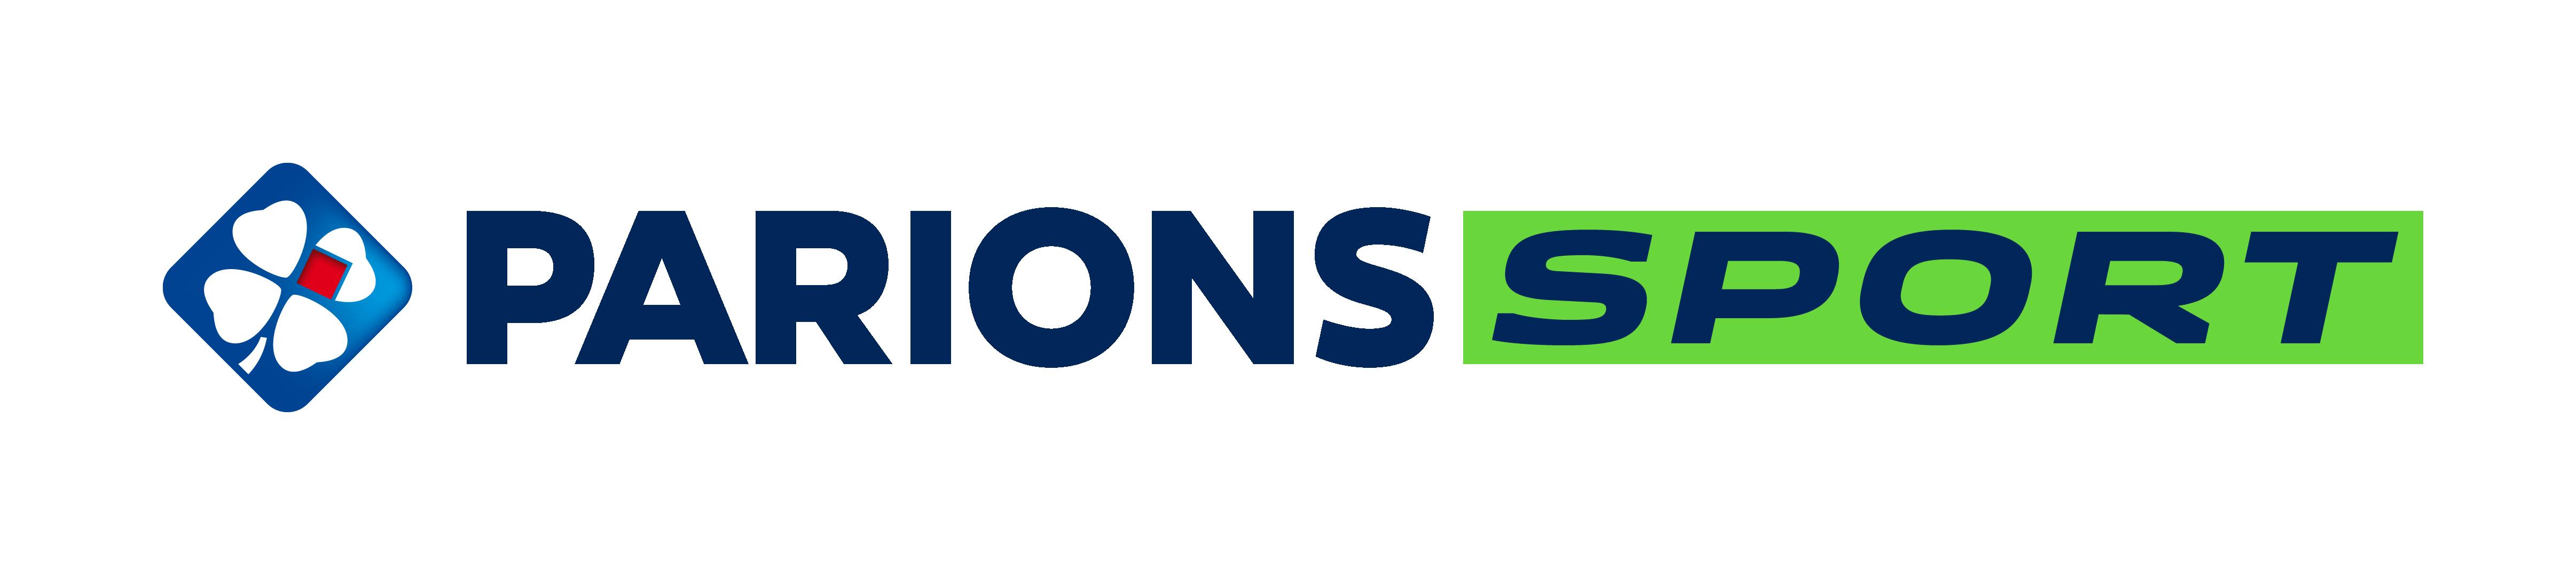 Parions_Sport_Logo_%282019%29.png